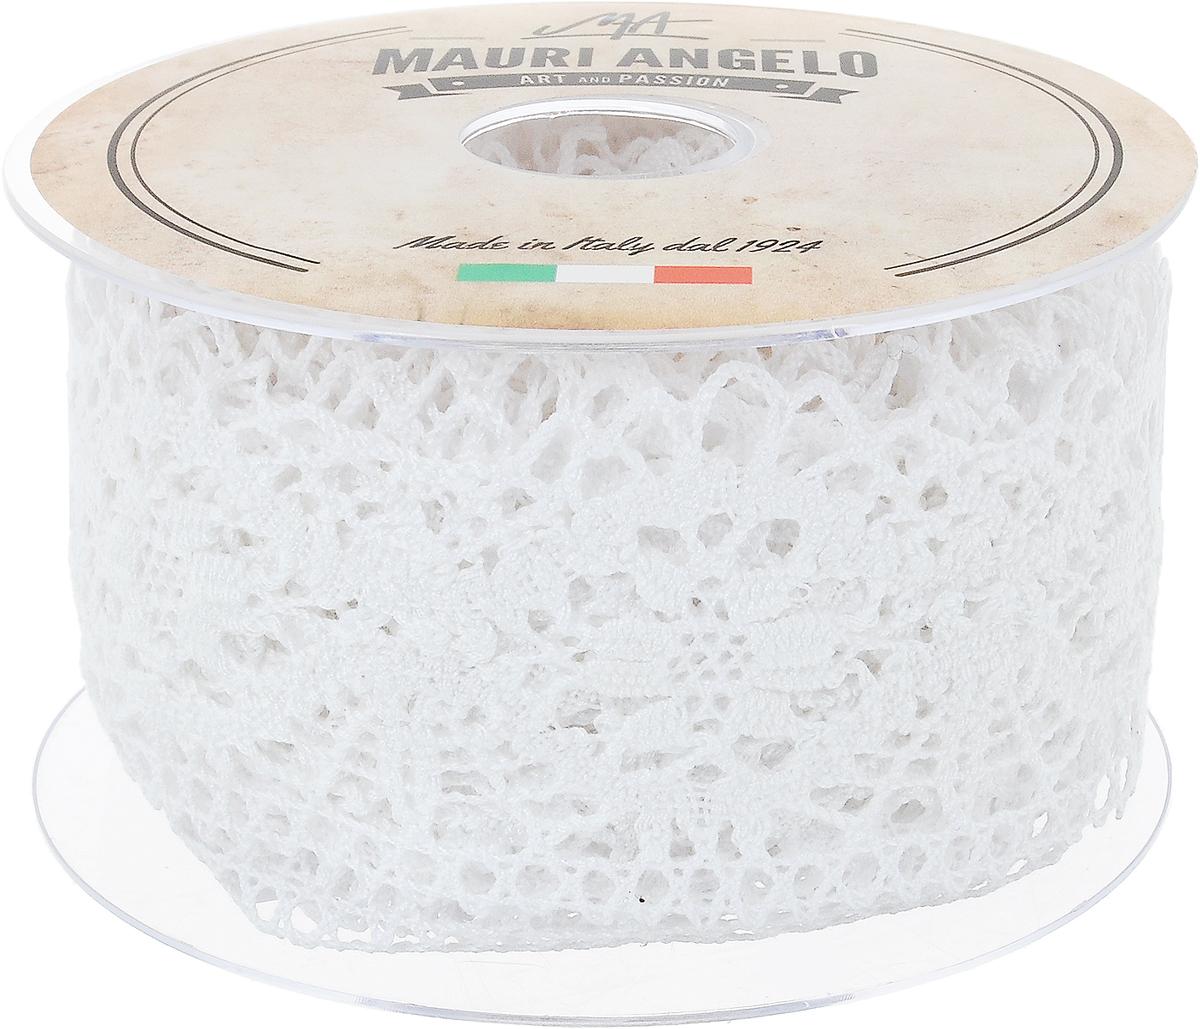 Лента кружевная Mauri Angelo, цвет: белый, 6,3 см х 10 мC0042416Декоративная кружевная лента Mauri Angelo - текстильное изделие без тканой основы, в котором ажурный орнамент и изображения образуются в результате переплетения нитей. Кружево применяется для отделки одежды, белья в виде окаймления или вставок, а также в оформлении интерьера, декоративных панно, скатертей, тюлей, покрывал. Главные особенности кружева - воздушность, тонкость, эластичность, узорность.Декоративная кружевная лента Mauri Angelo станет незаменимым элементом в создании рукотворного шедевра. Ширина: 6,3 см.Длина: 10 м.